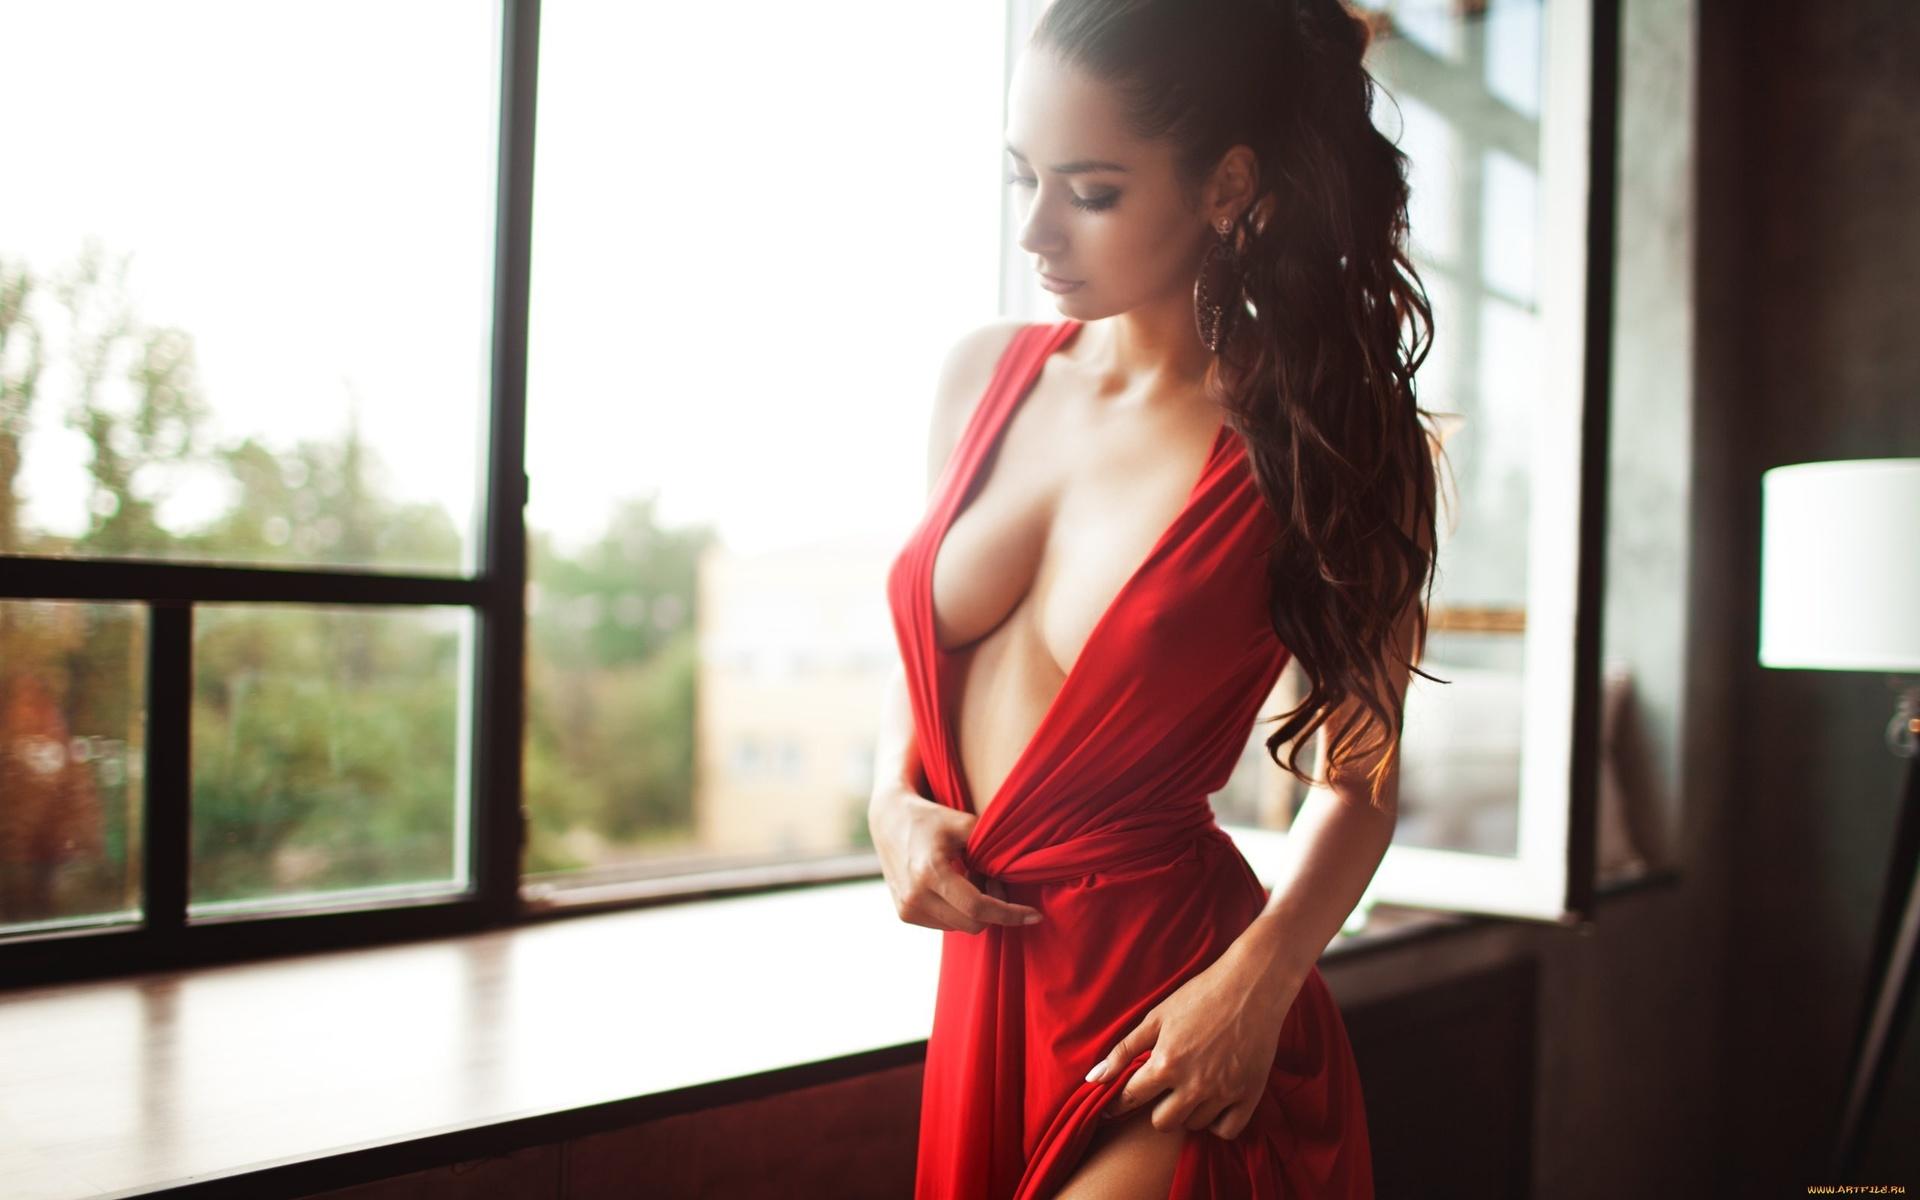 Смотреть онлайн порно миньет пышногрудых и самых красивых девушек рассказывает